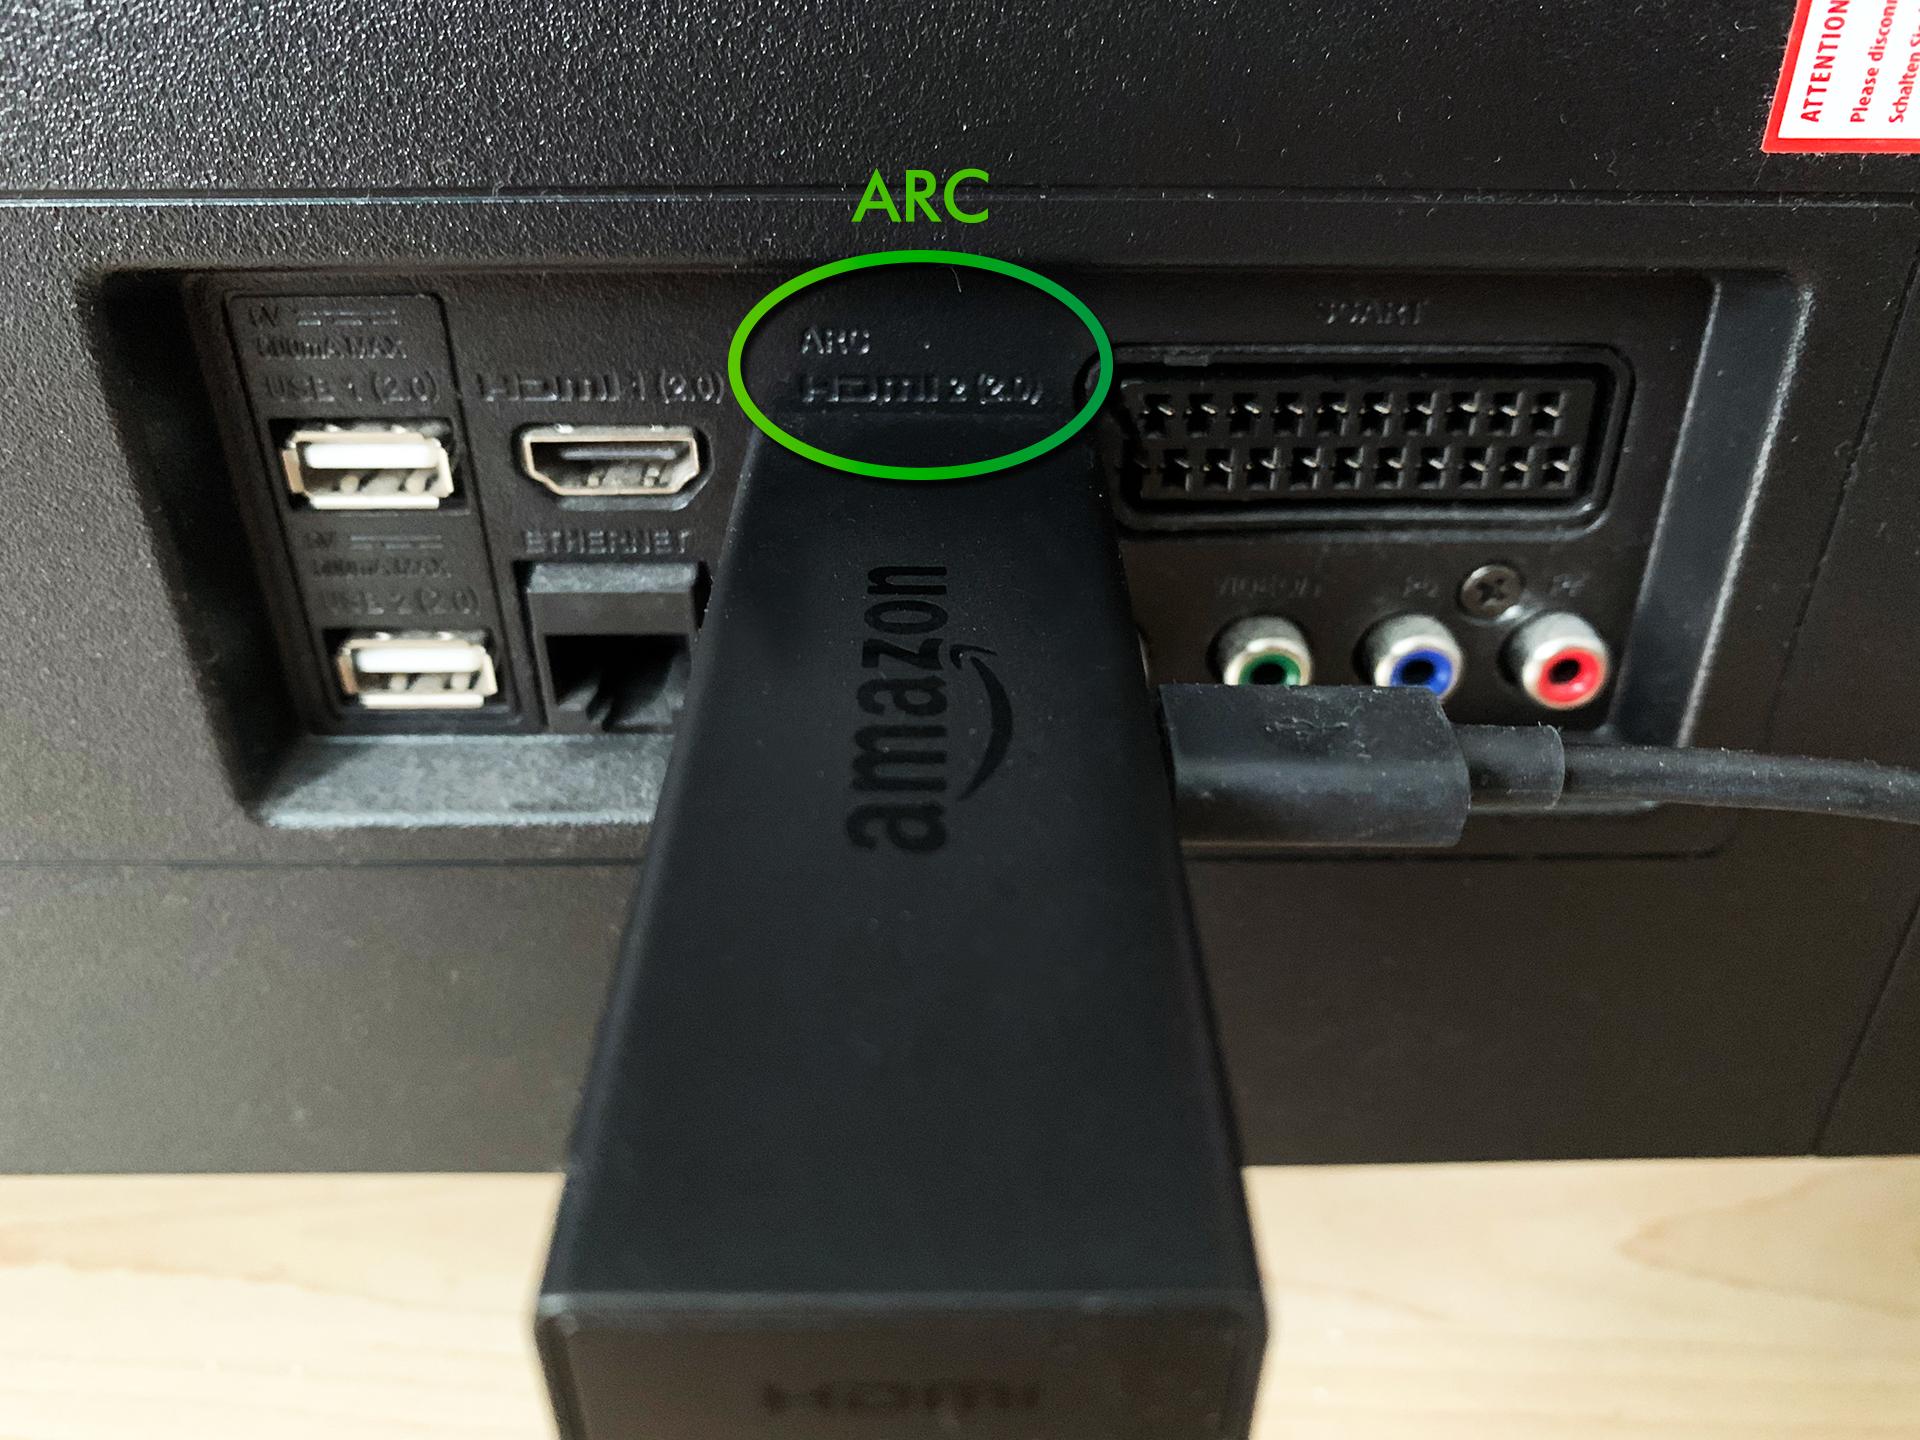 Jak podłączyć Amazon Fire TV Stick dotelewizora?